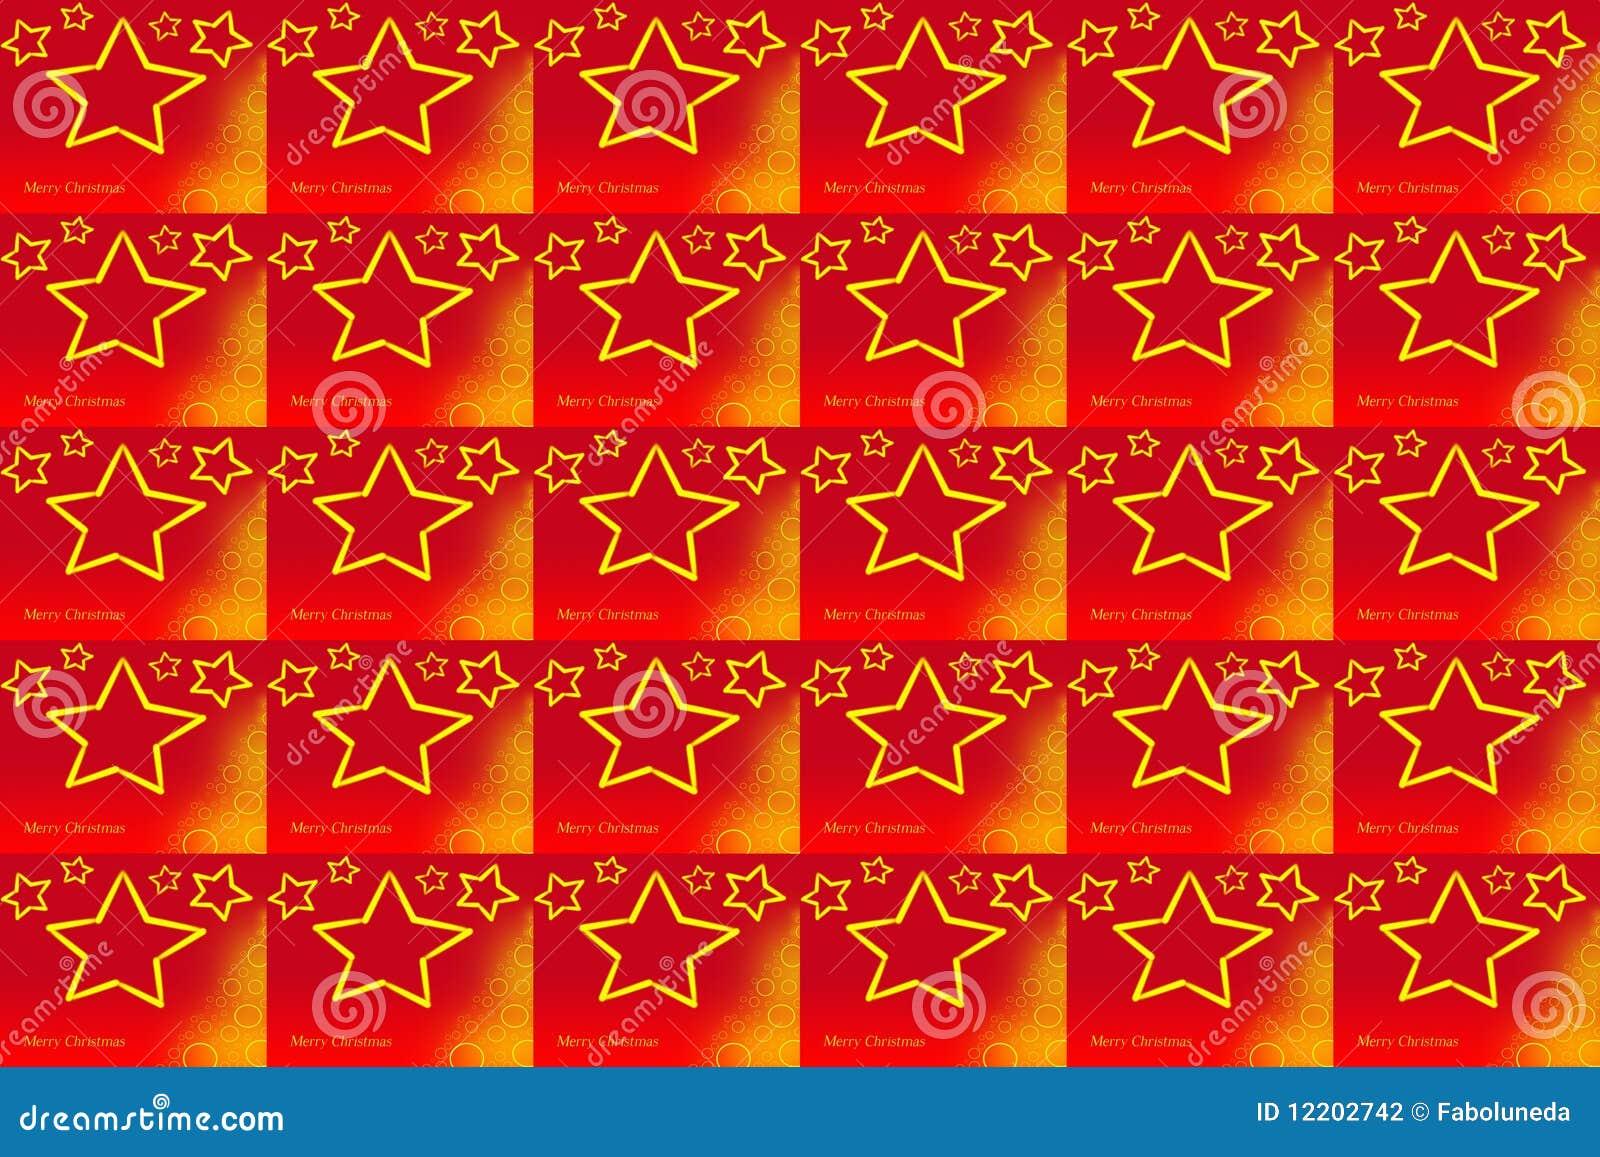 Weihnachten Pattern_Red